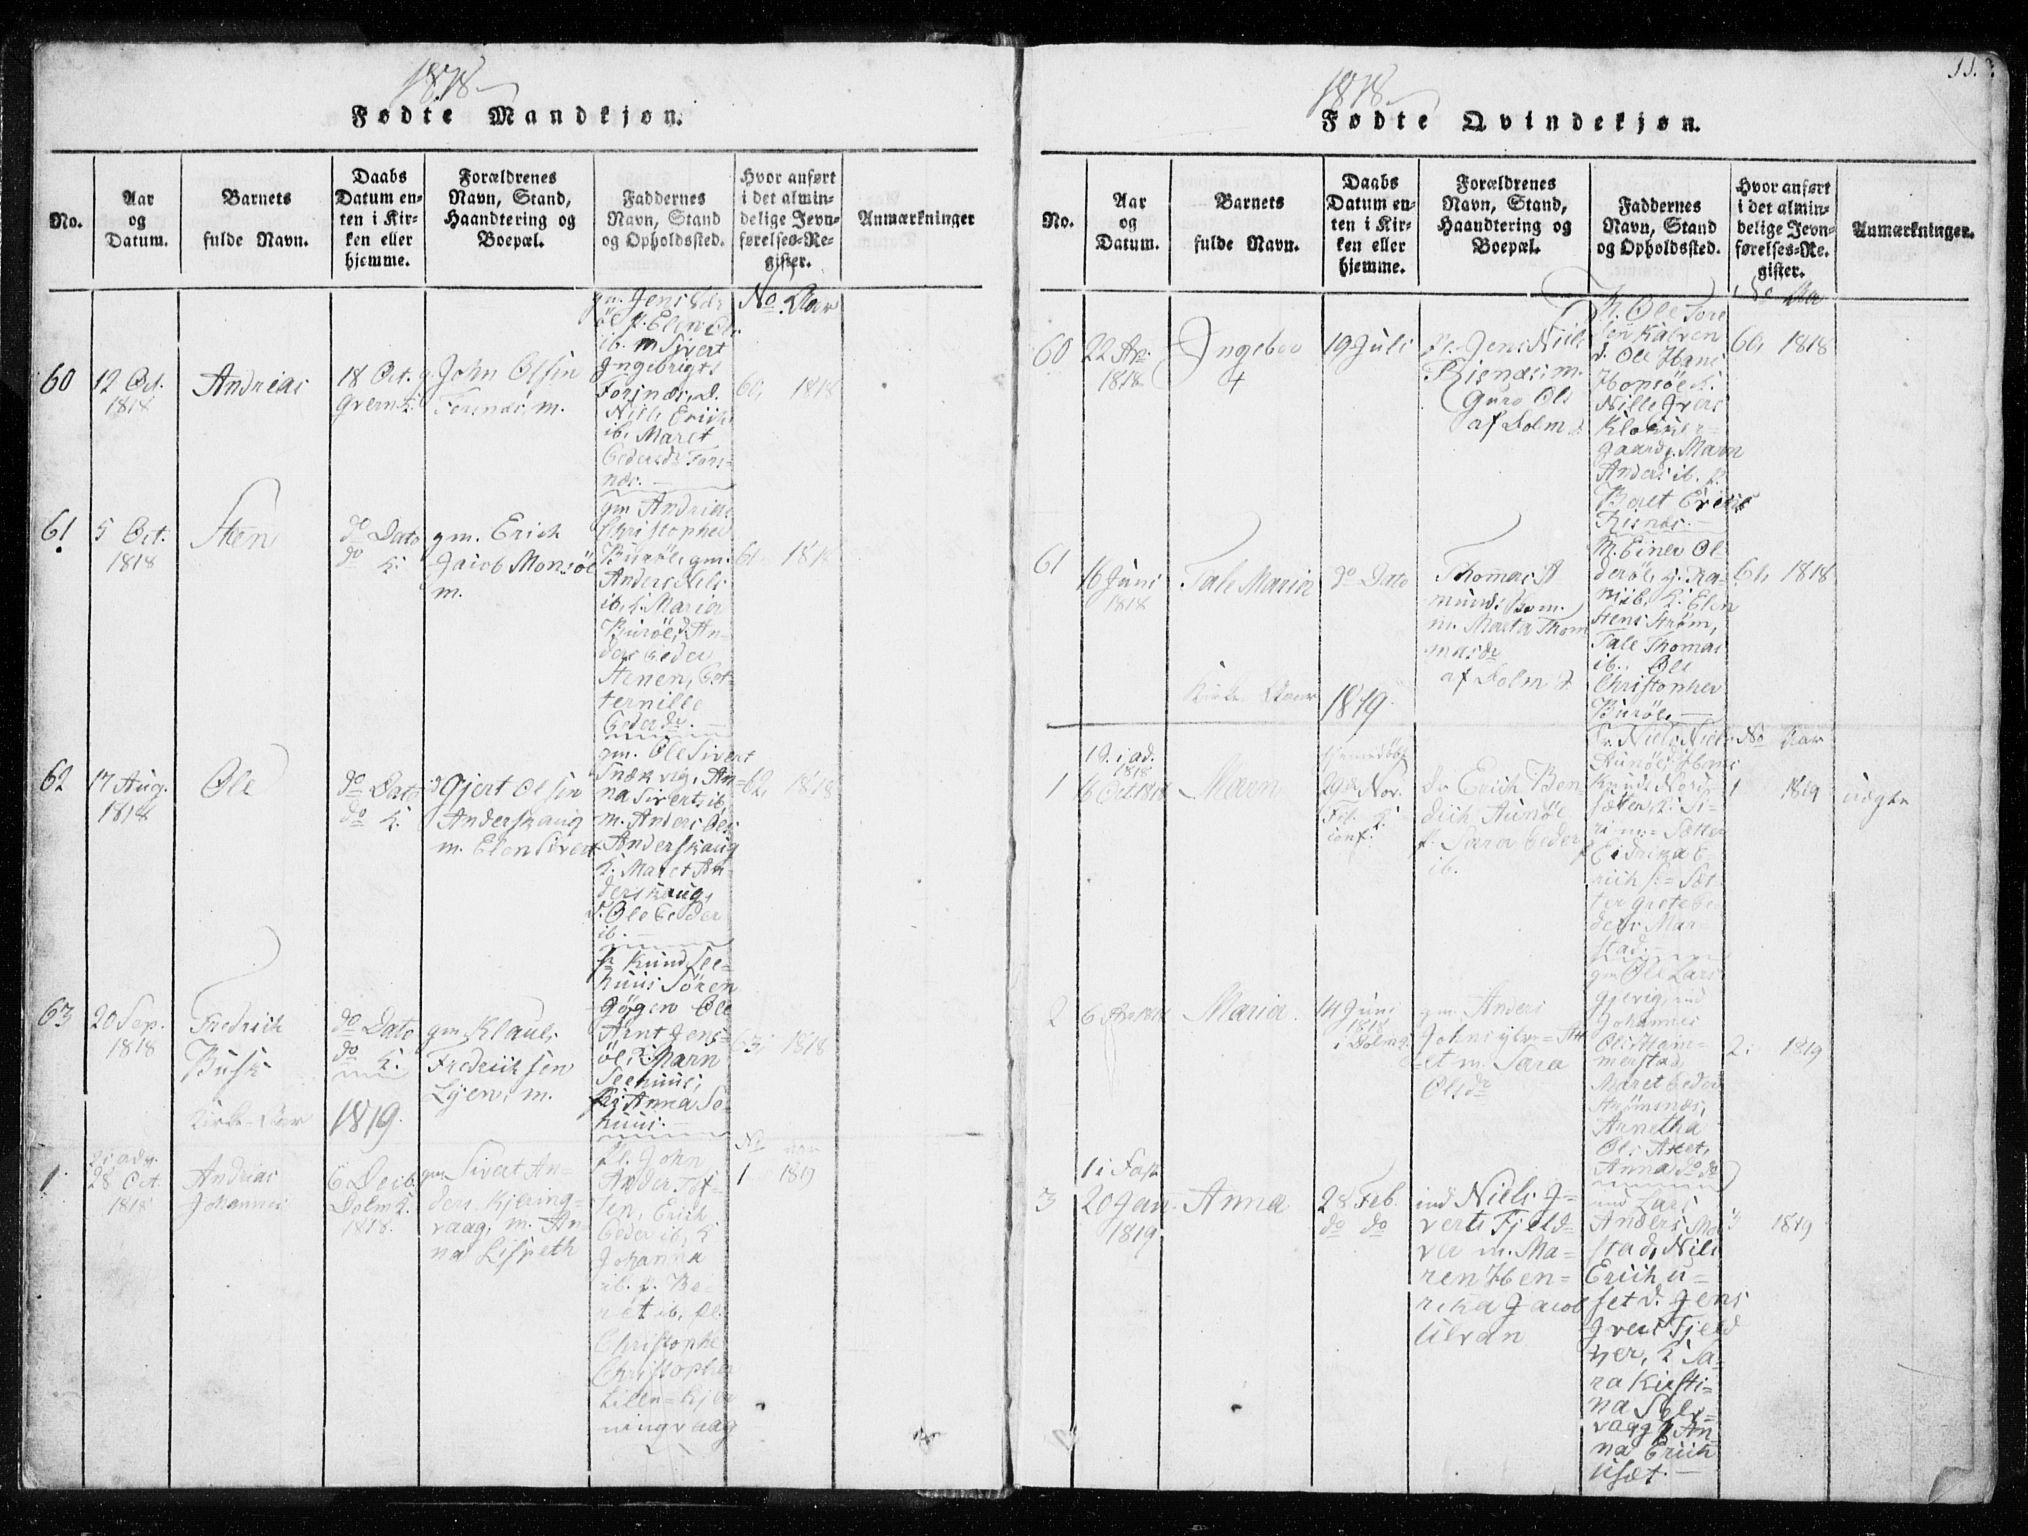 SAT, Ministerialprotokoller, klokkerbøker og fødselsregistre - Sør-Trøndelag, 634/L0527: Ministerialbok nr. 634A03, 1818-1826, s. 11